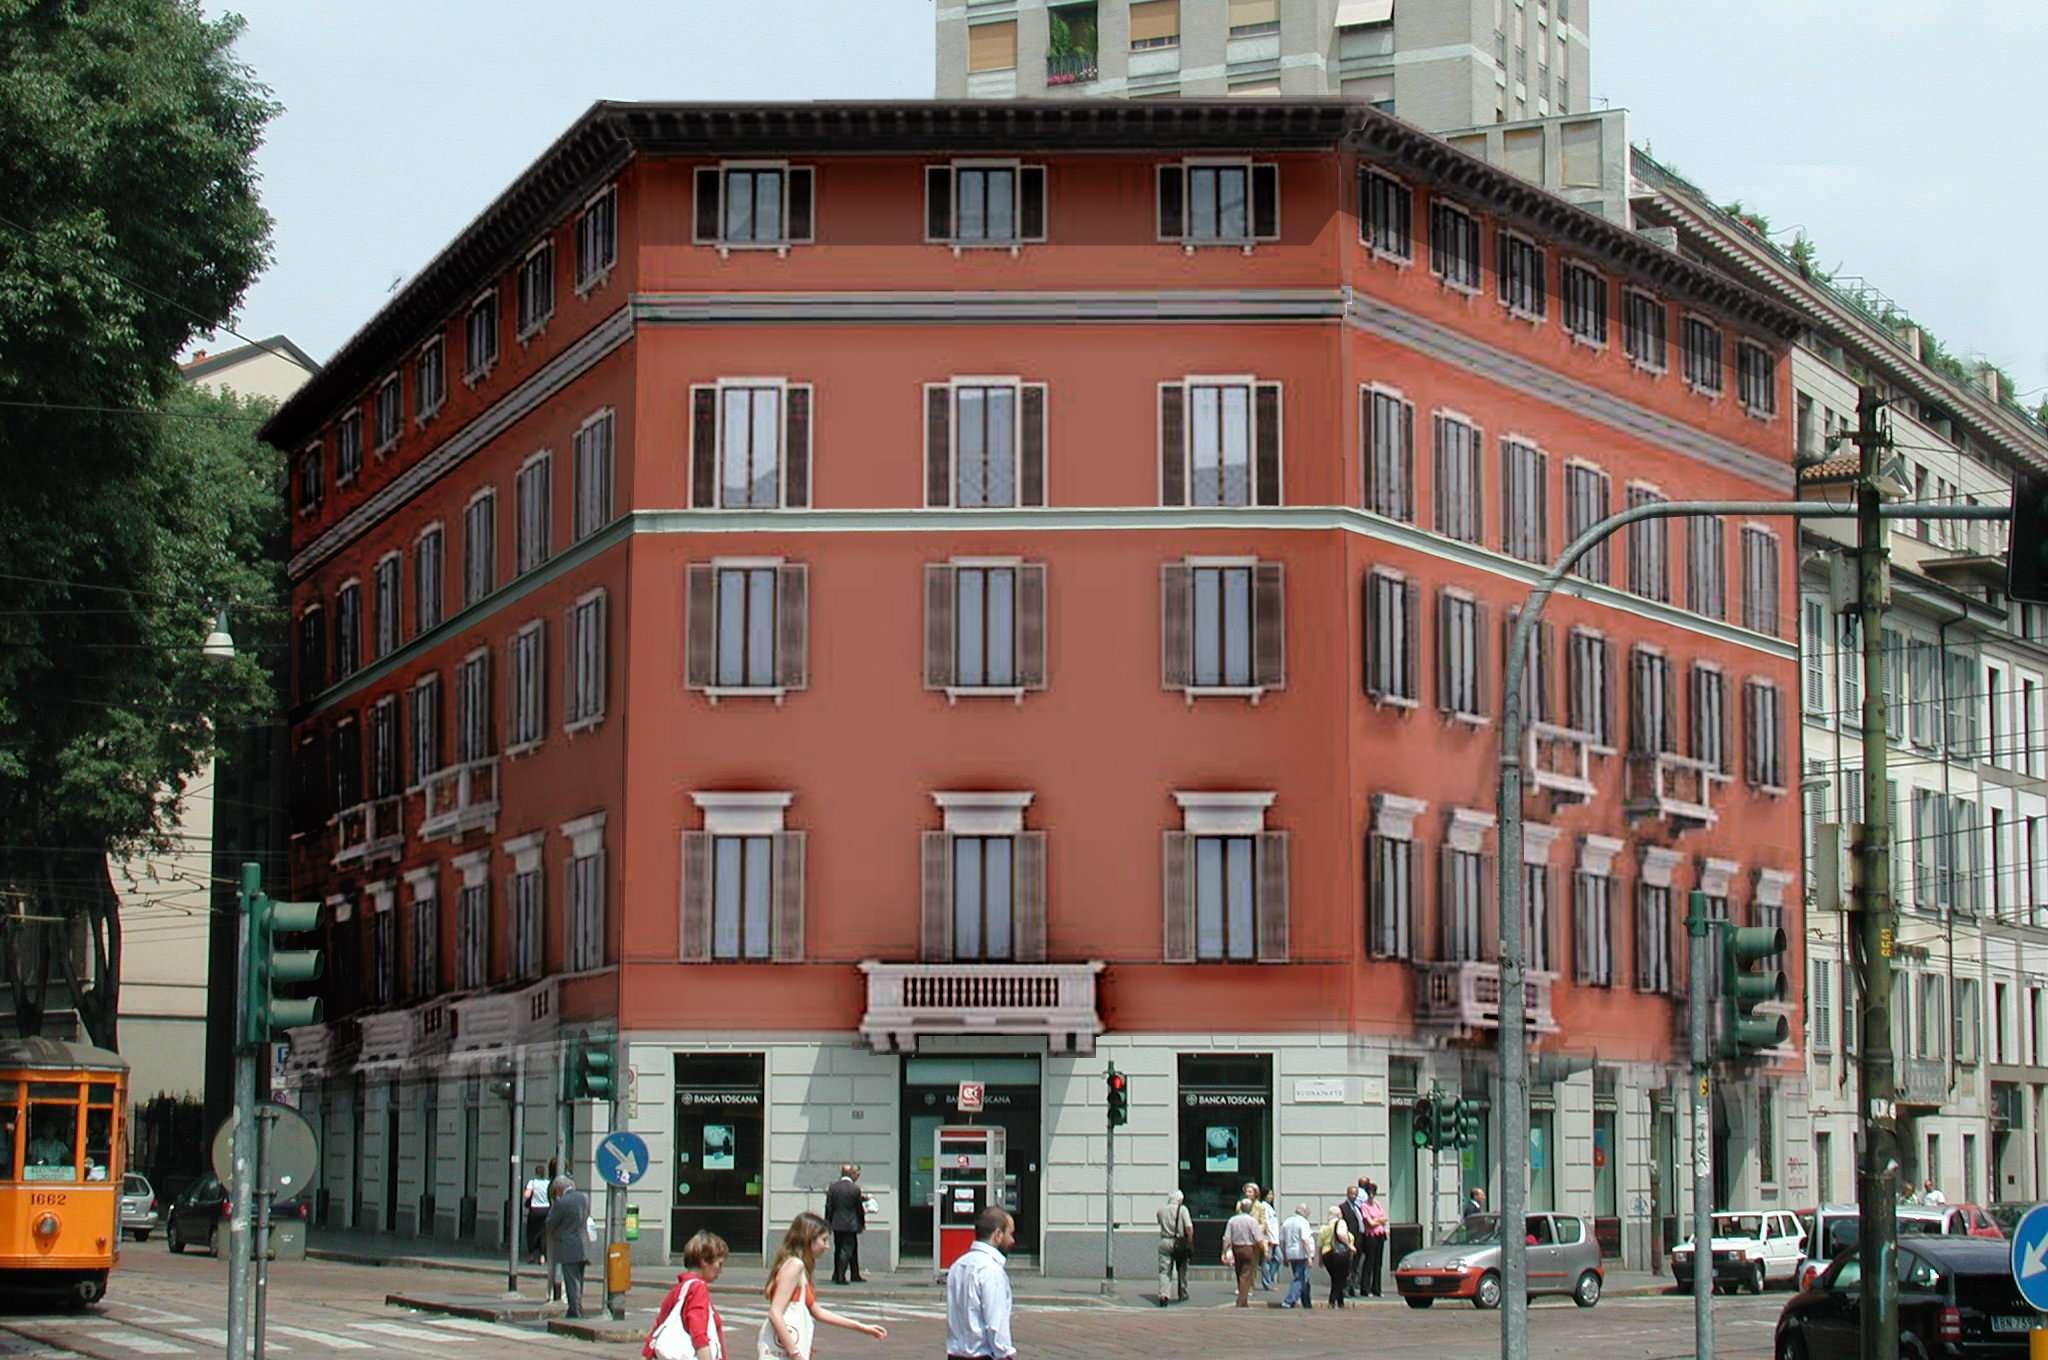 Trilocale milano vendita zona 1 centro storico for Trilocale vendita milano